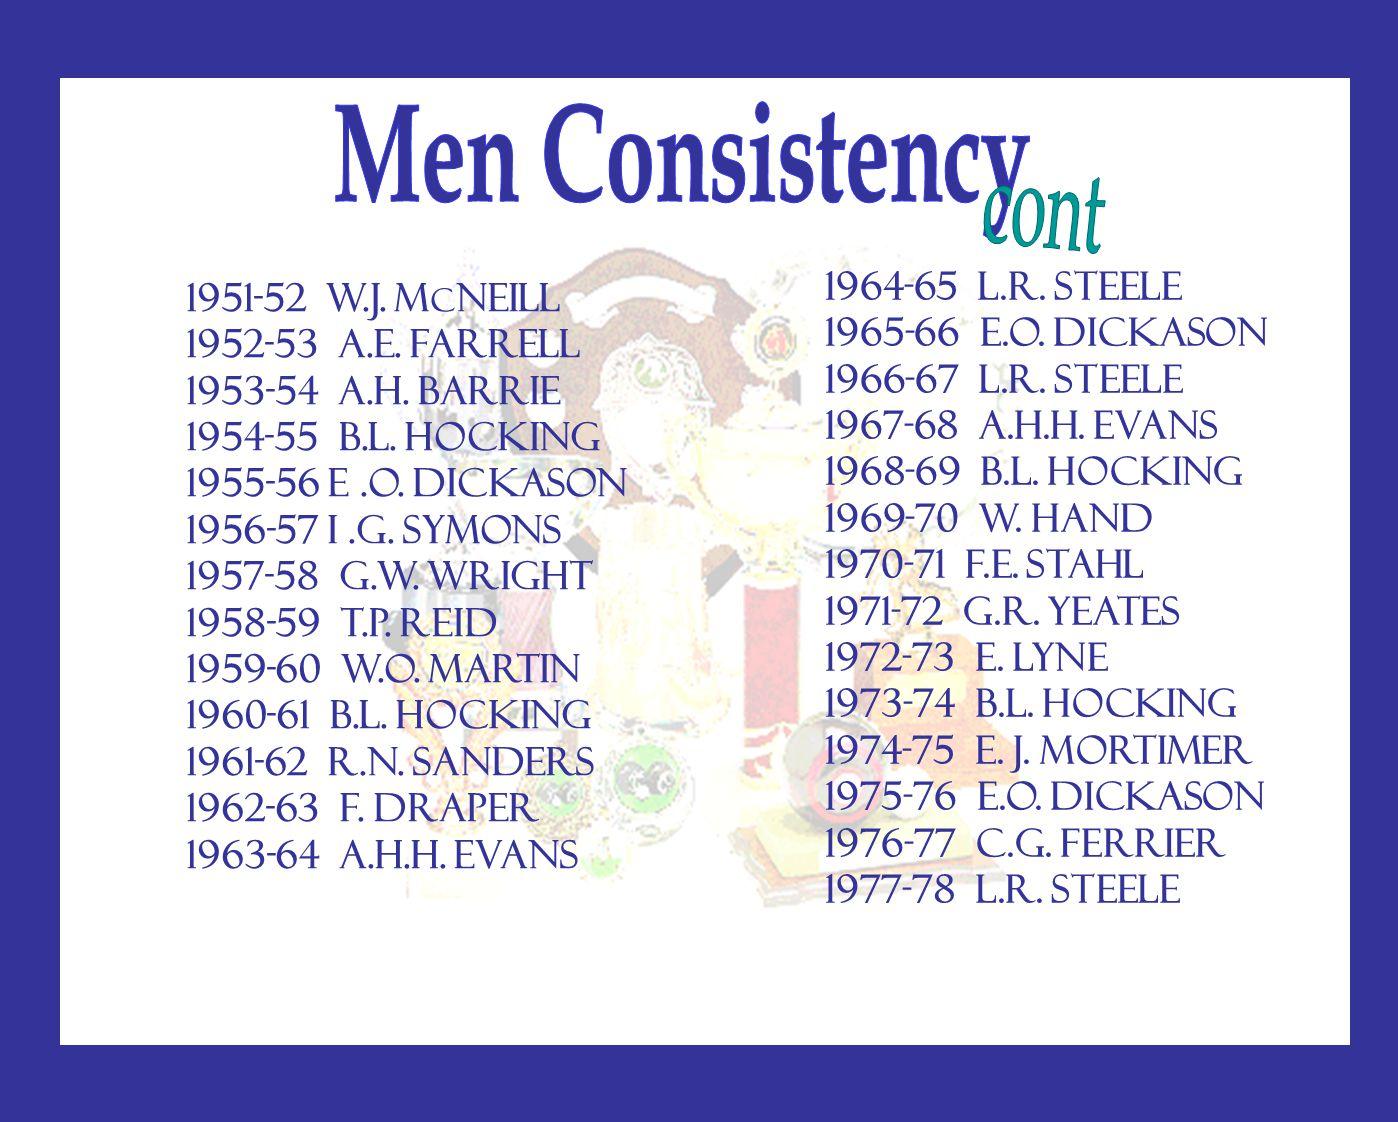 1951-52 W.J. M C NEILL 1952-53 A.E. FARRELL 1953-54 A.H. BARRIE 1954-55 B.L. HOCKING 1955-56 E.O. DICKASON 1956-57 I.G. SYMONS 1957-58 G.W. WRIGHT 195